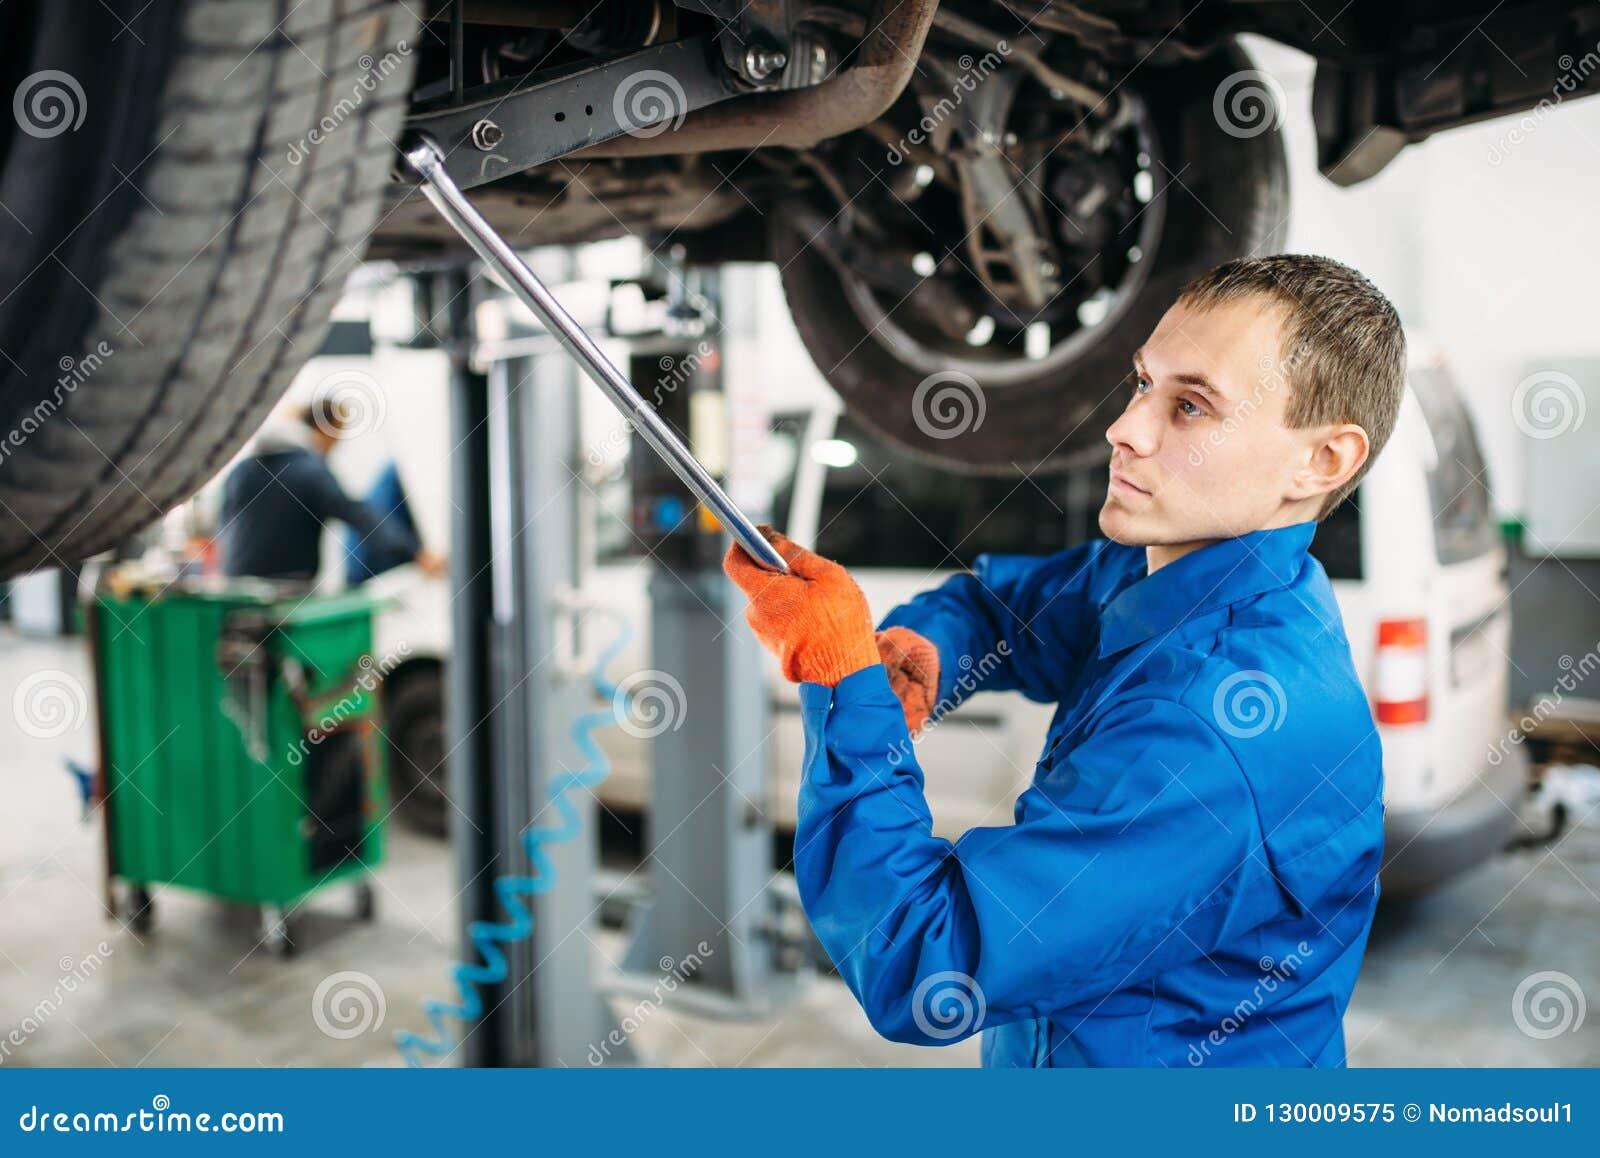 安装工检查停止,在推力的汽车